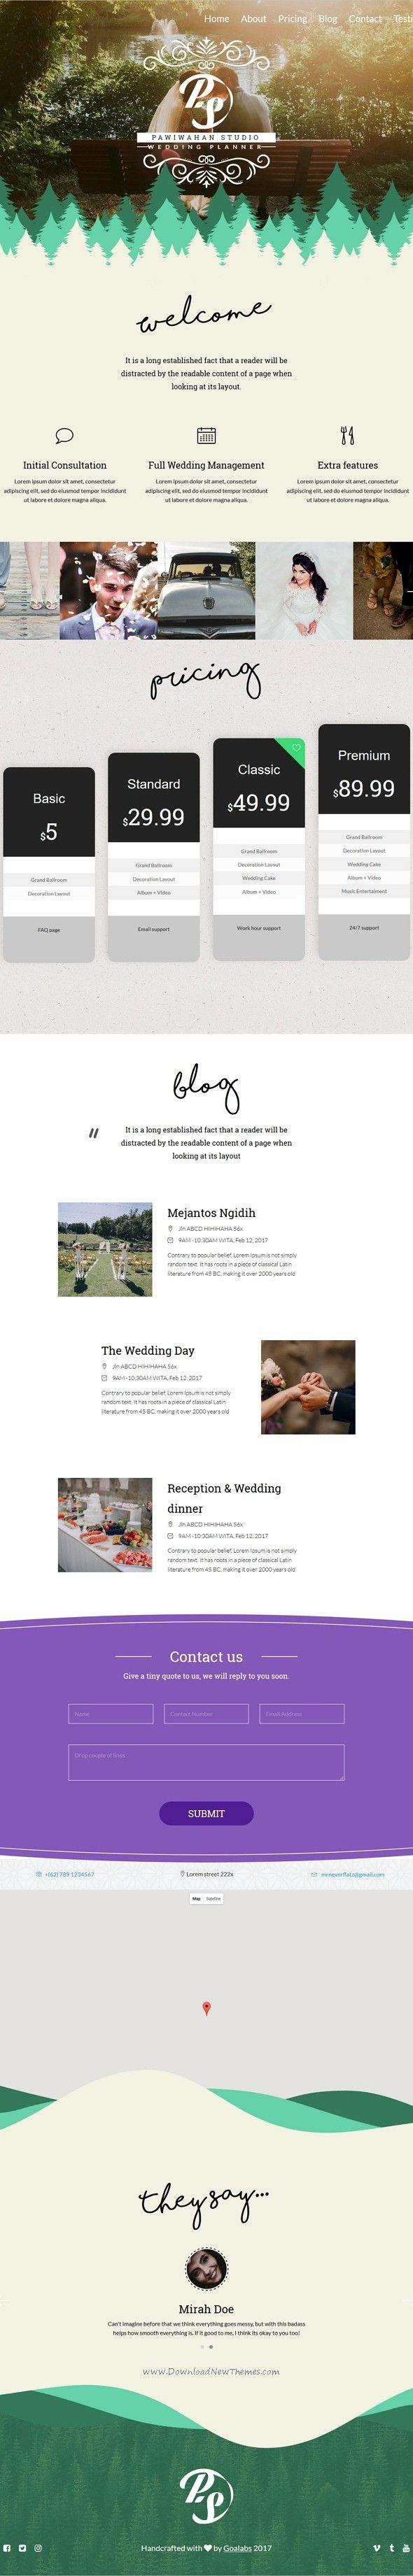 Pawiwahan Onepage Wedding HTML Template 33